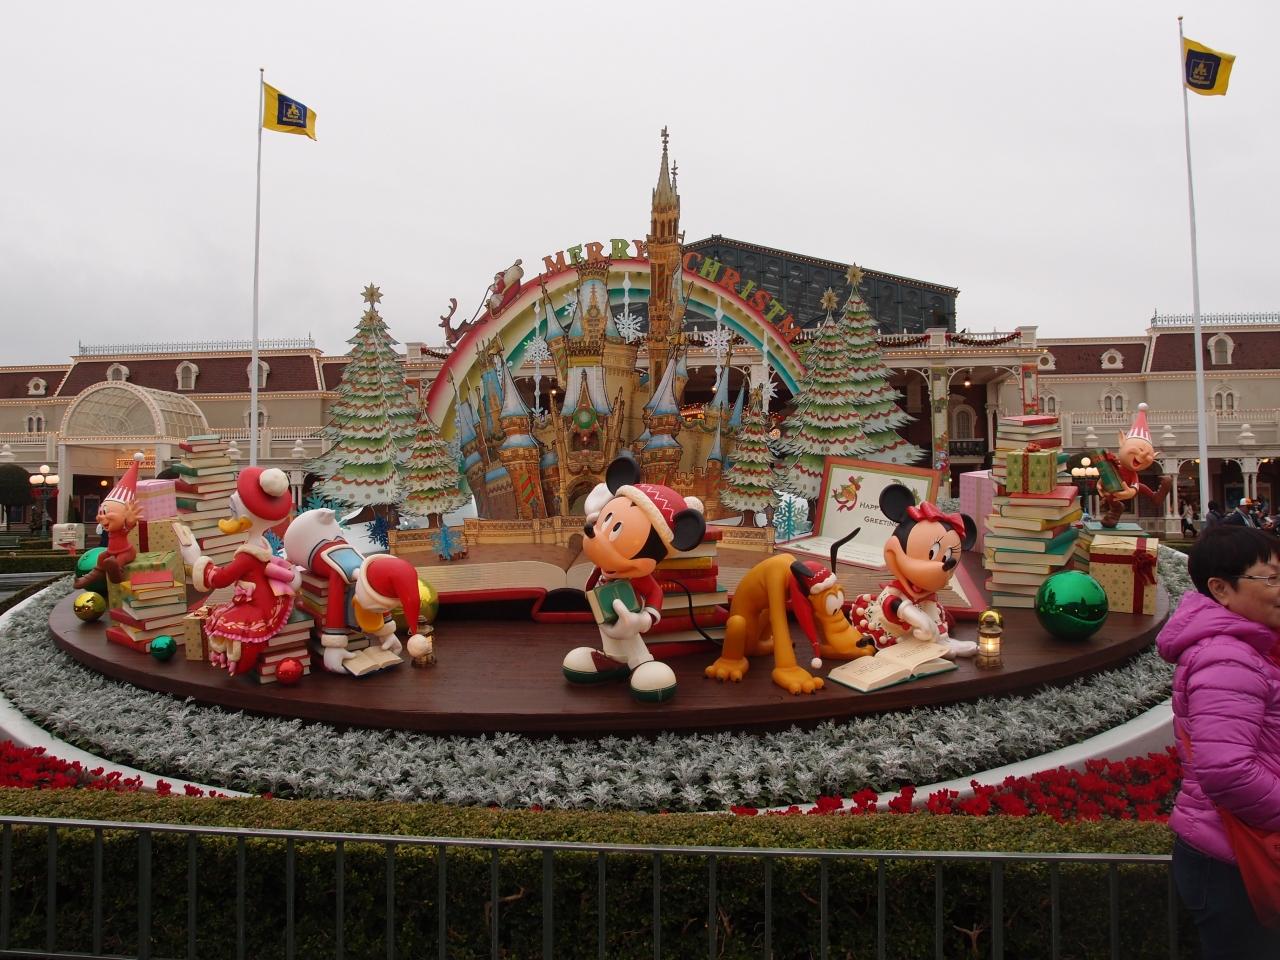 ☆子連れディズニーの旅 in クリスマス2015☆』東京ディズニーリゾート